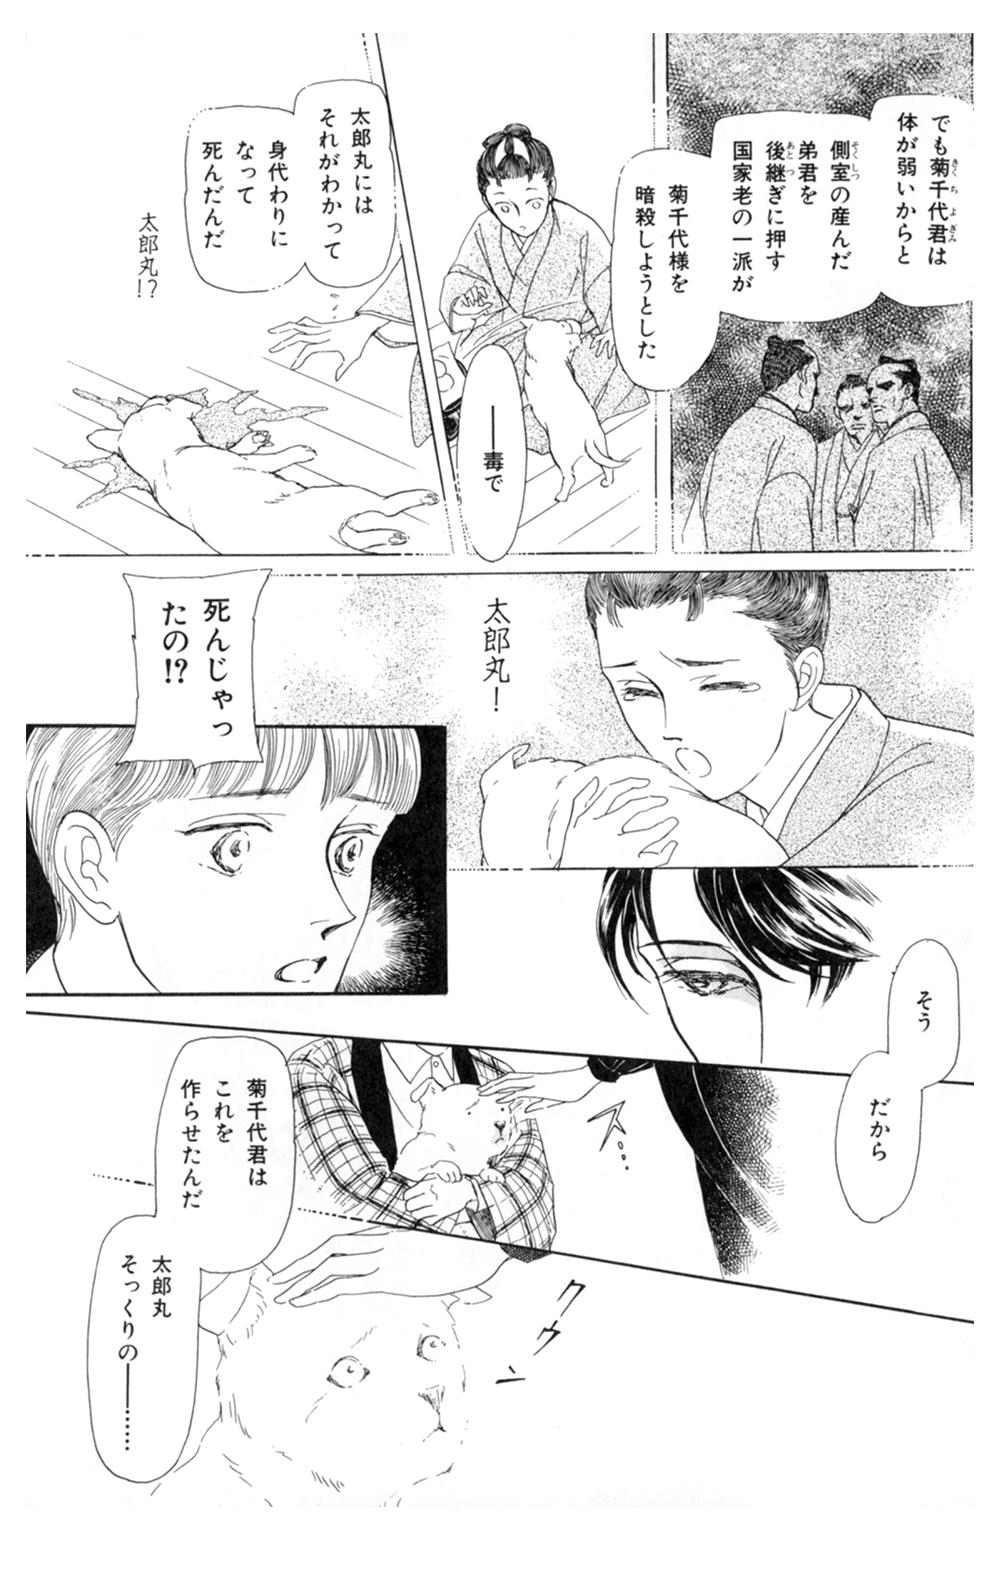 雨柳堂夢咄 第5話「太郎丸」①uryudo-03-157.jpg